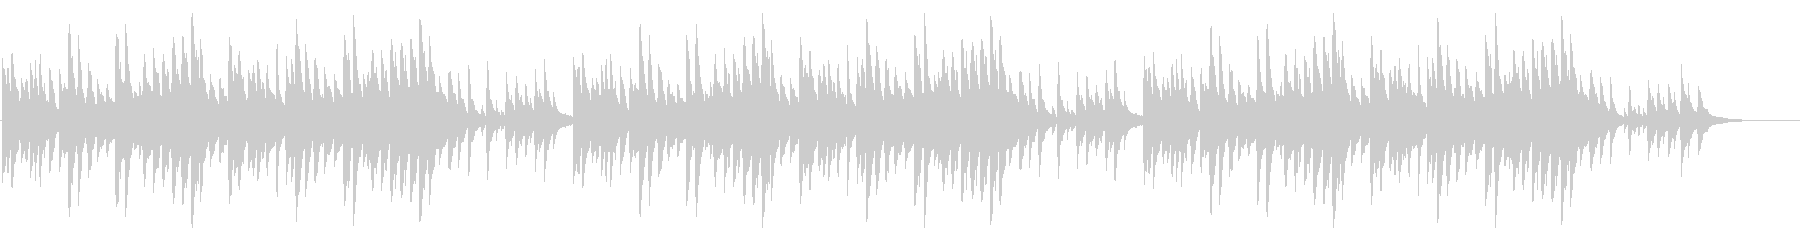 童謡「赤とんぼ」シンプルなピアノソロの未再生の波形